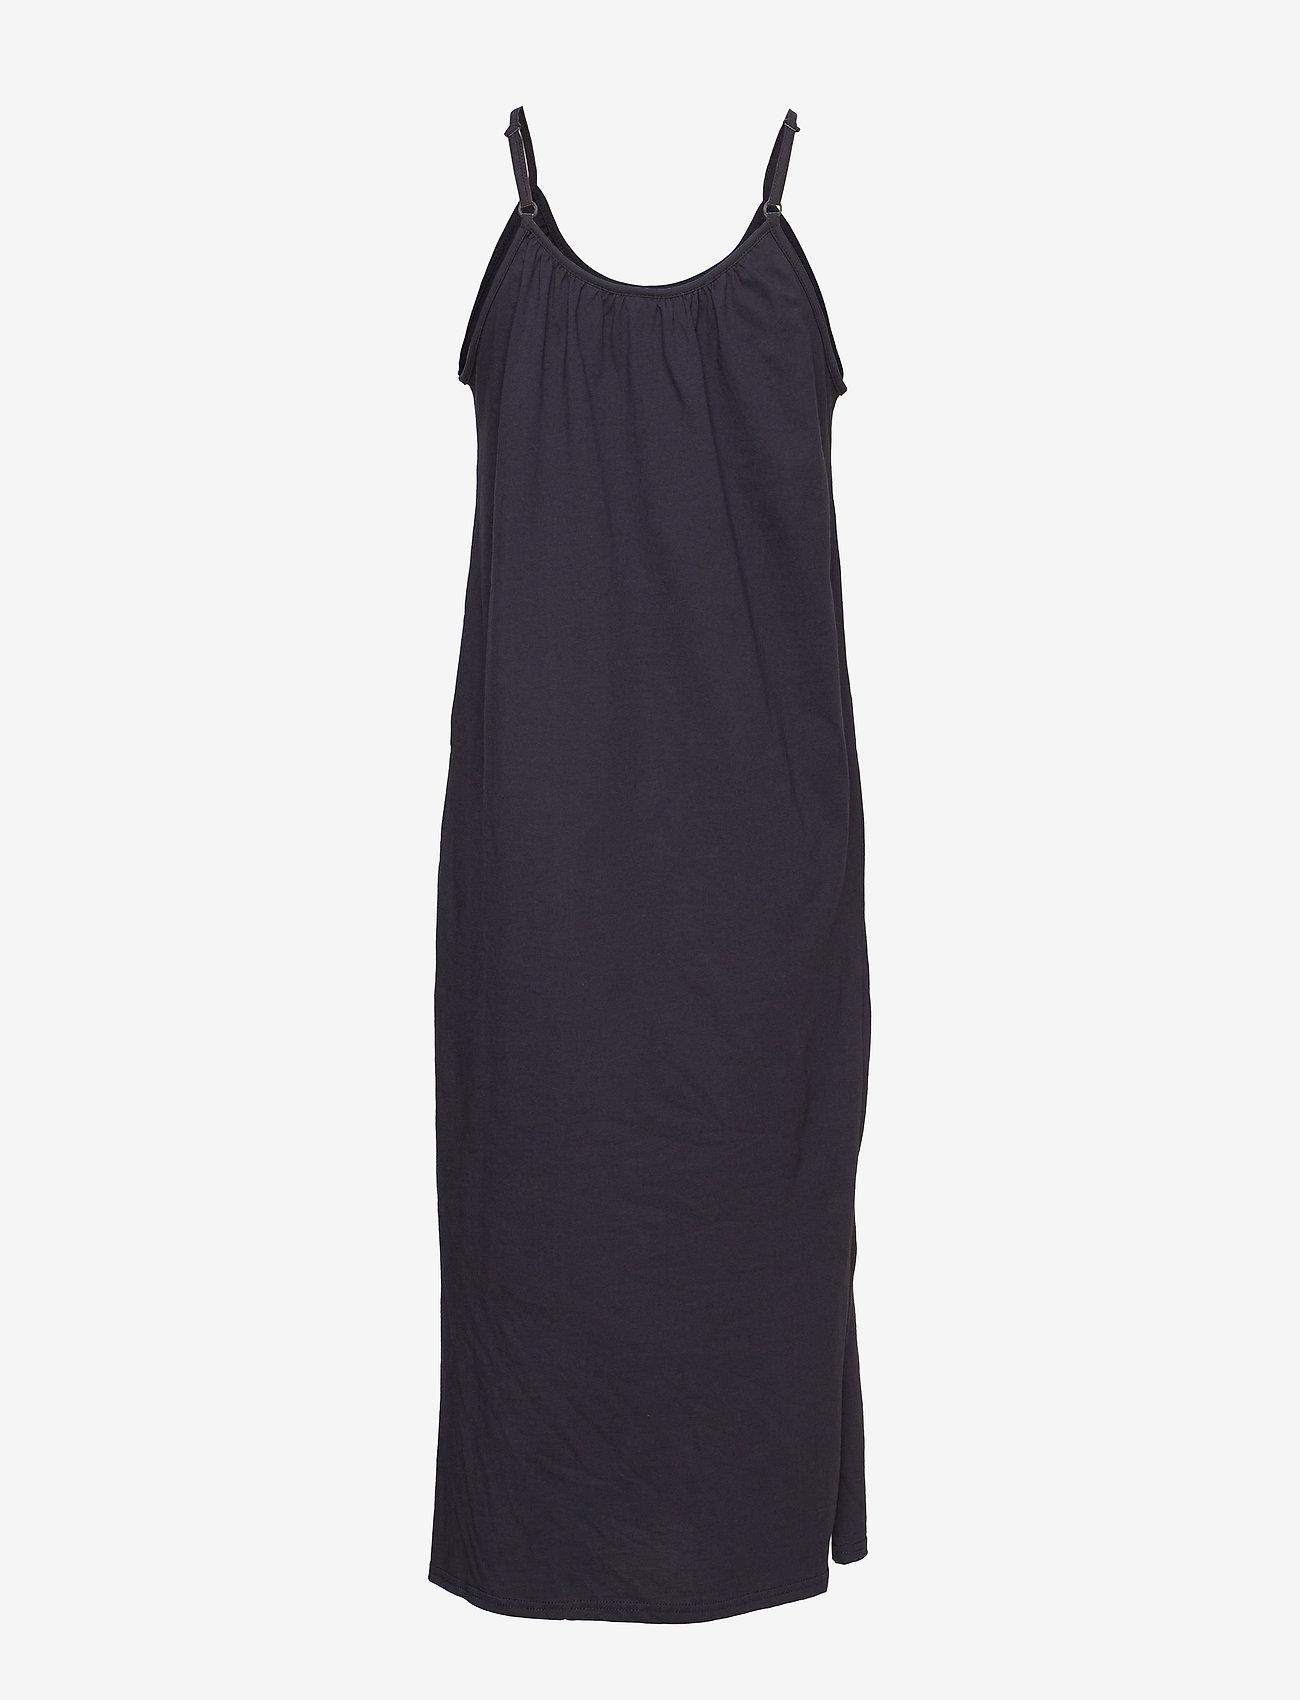 Saint Tropez Adeasz Sl Dress - Dresses